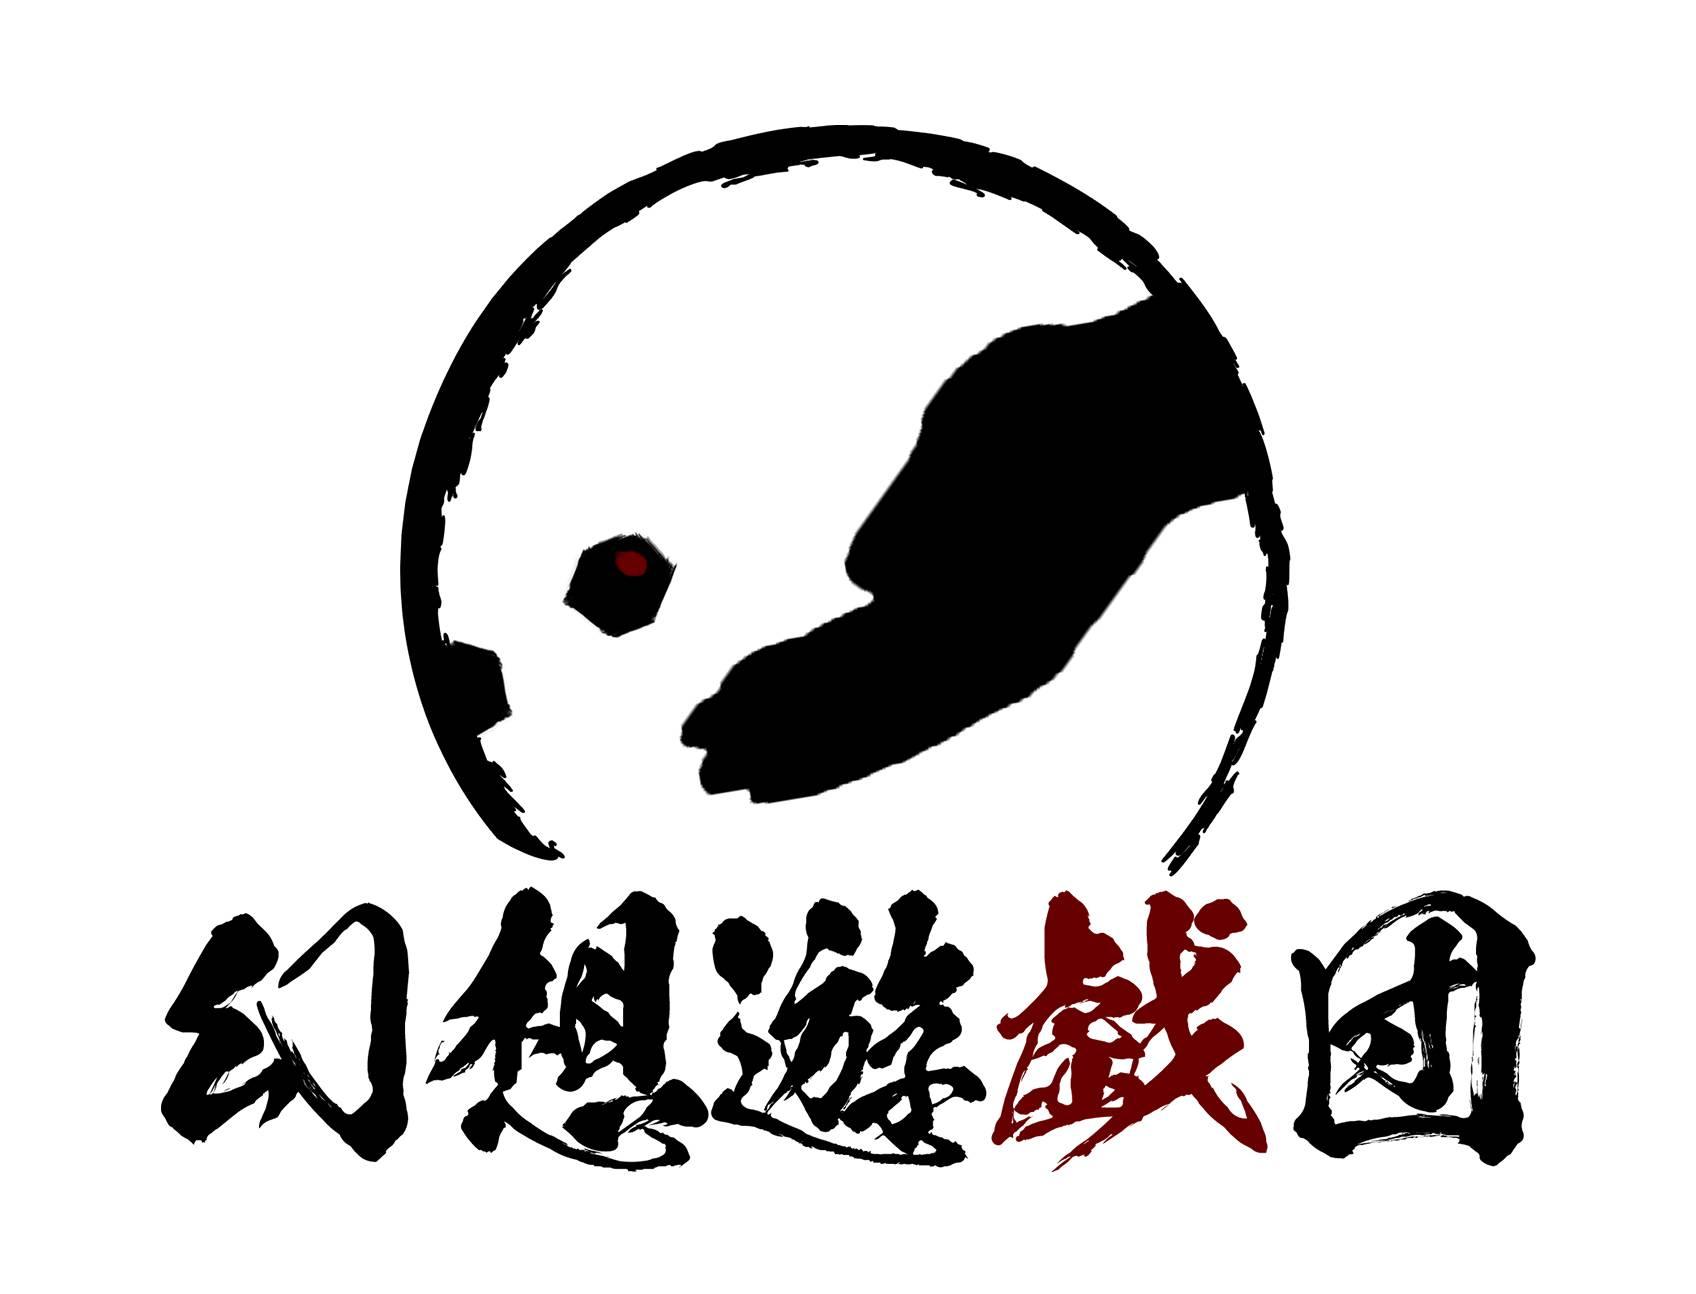 幻想遊戯団サークルロゴ